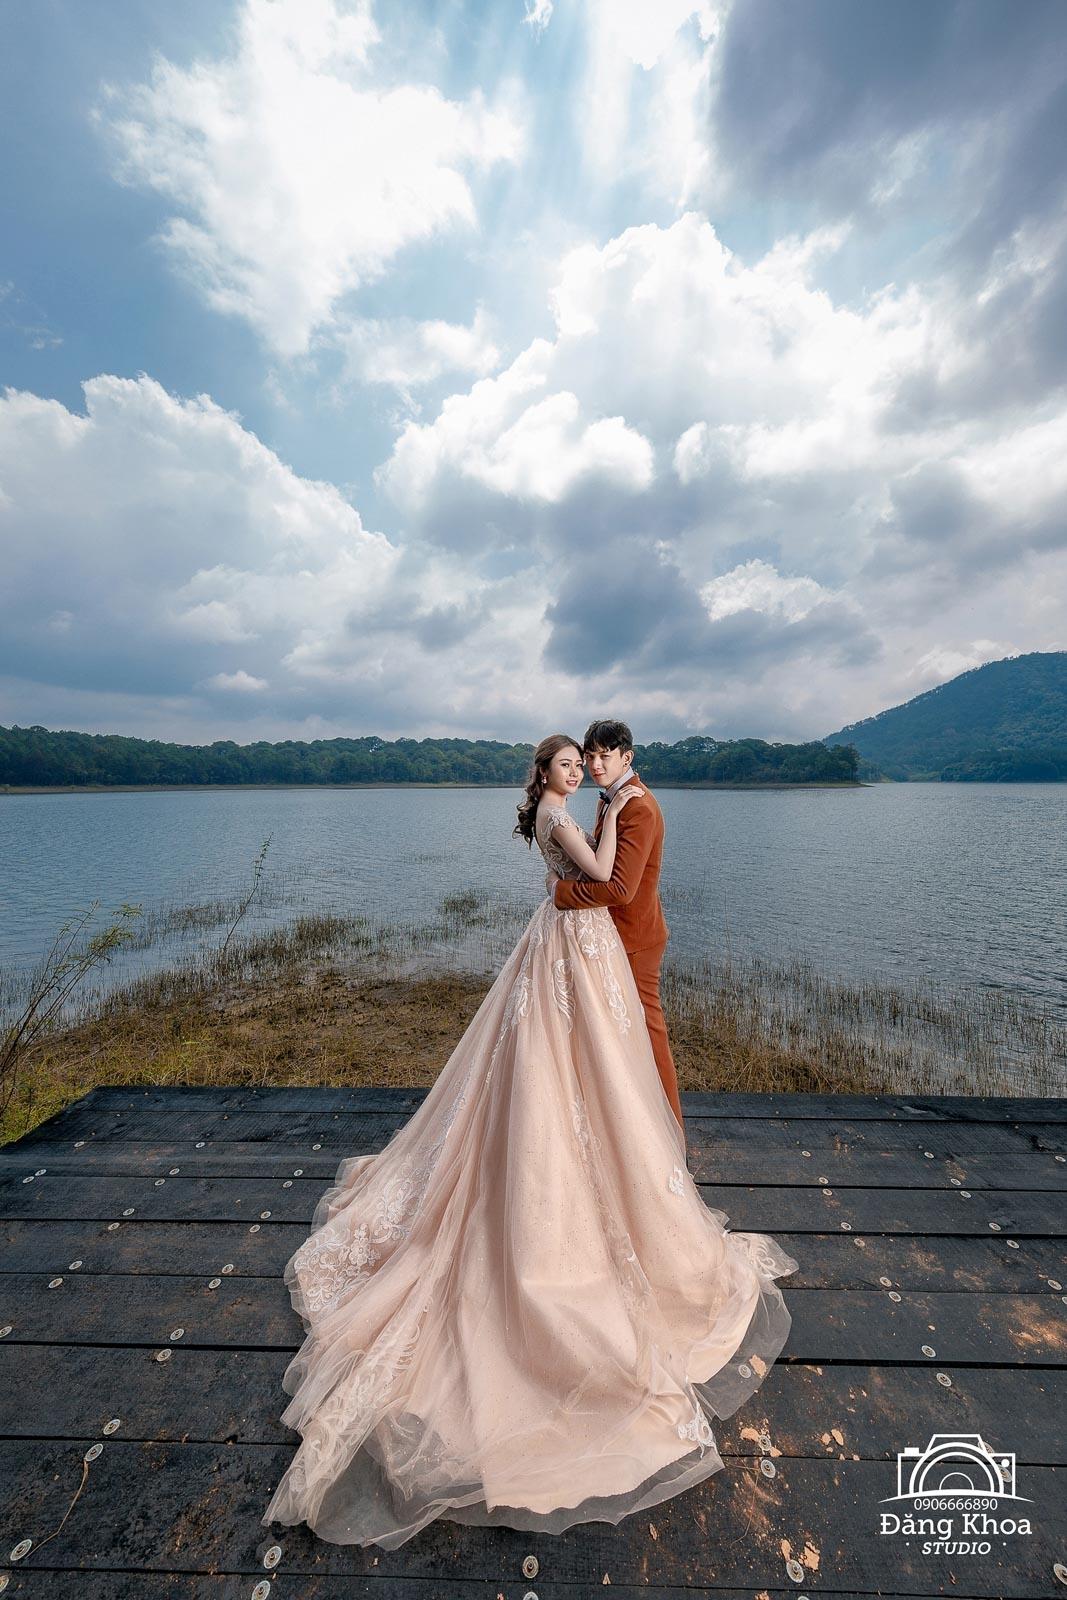 tiệm chụp ảnh cưới ở đà lạt